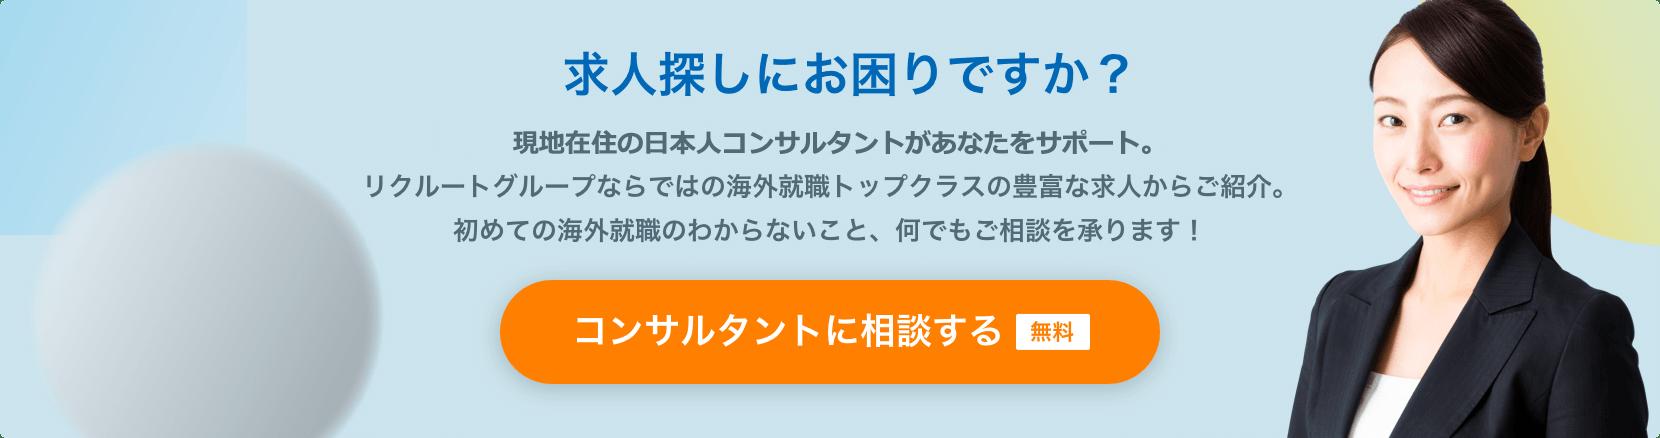 求人探しにお困りですか?現地をよく知る専門コンサルタントが日本語であなたをサポート。リクルートグループならではの海外就職トップクラスの豊富な求人からご紹介。初めての海外就職のわからないこと、何でもご相談を承ります!コンサルタントに相談する 無料